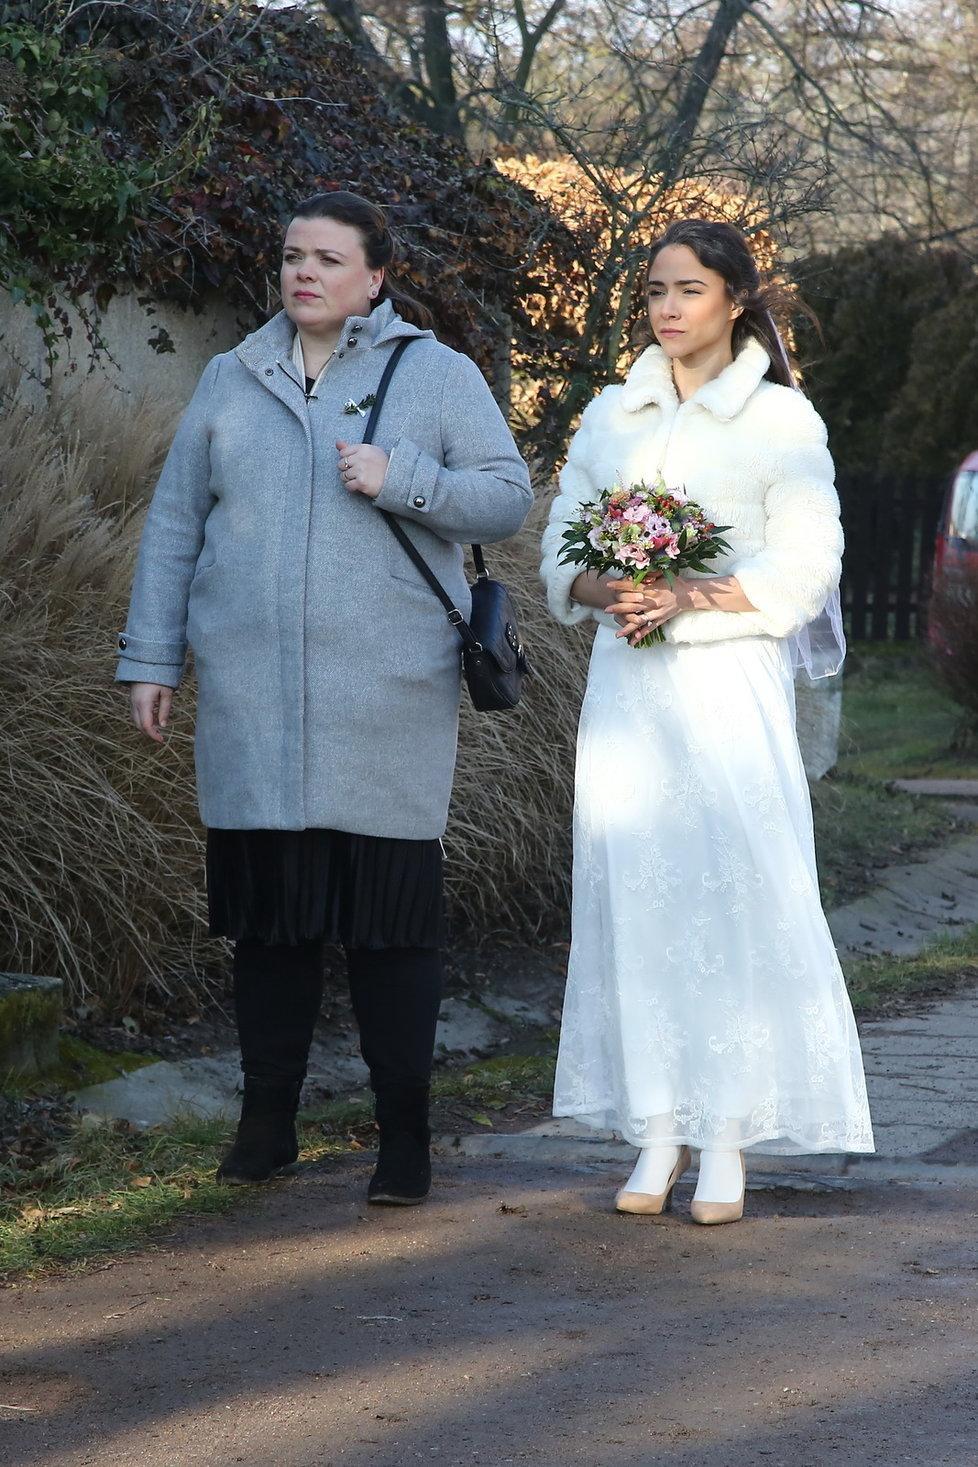 Svatby z filmů :) - Obrázek č. 281